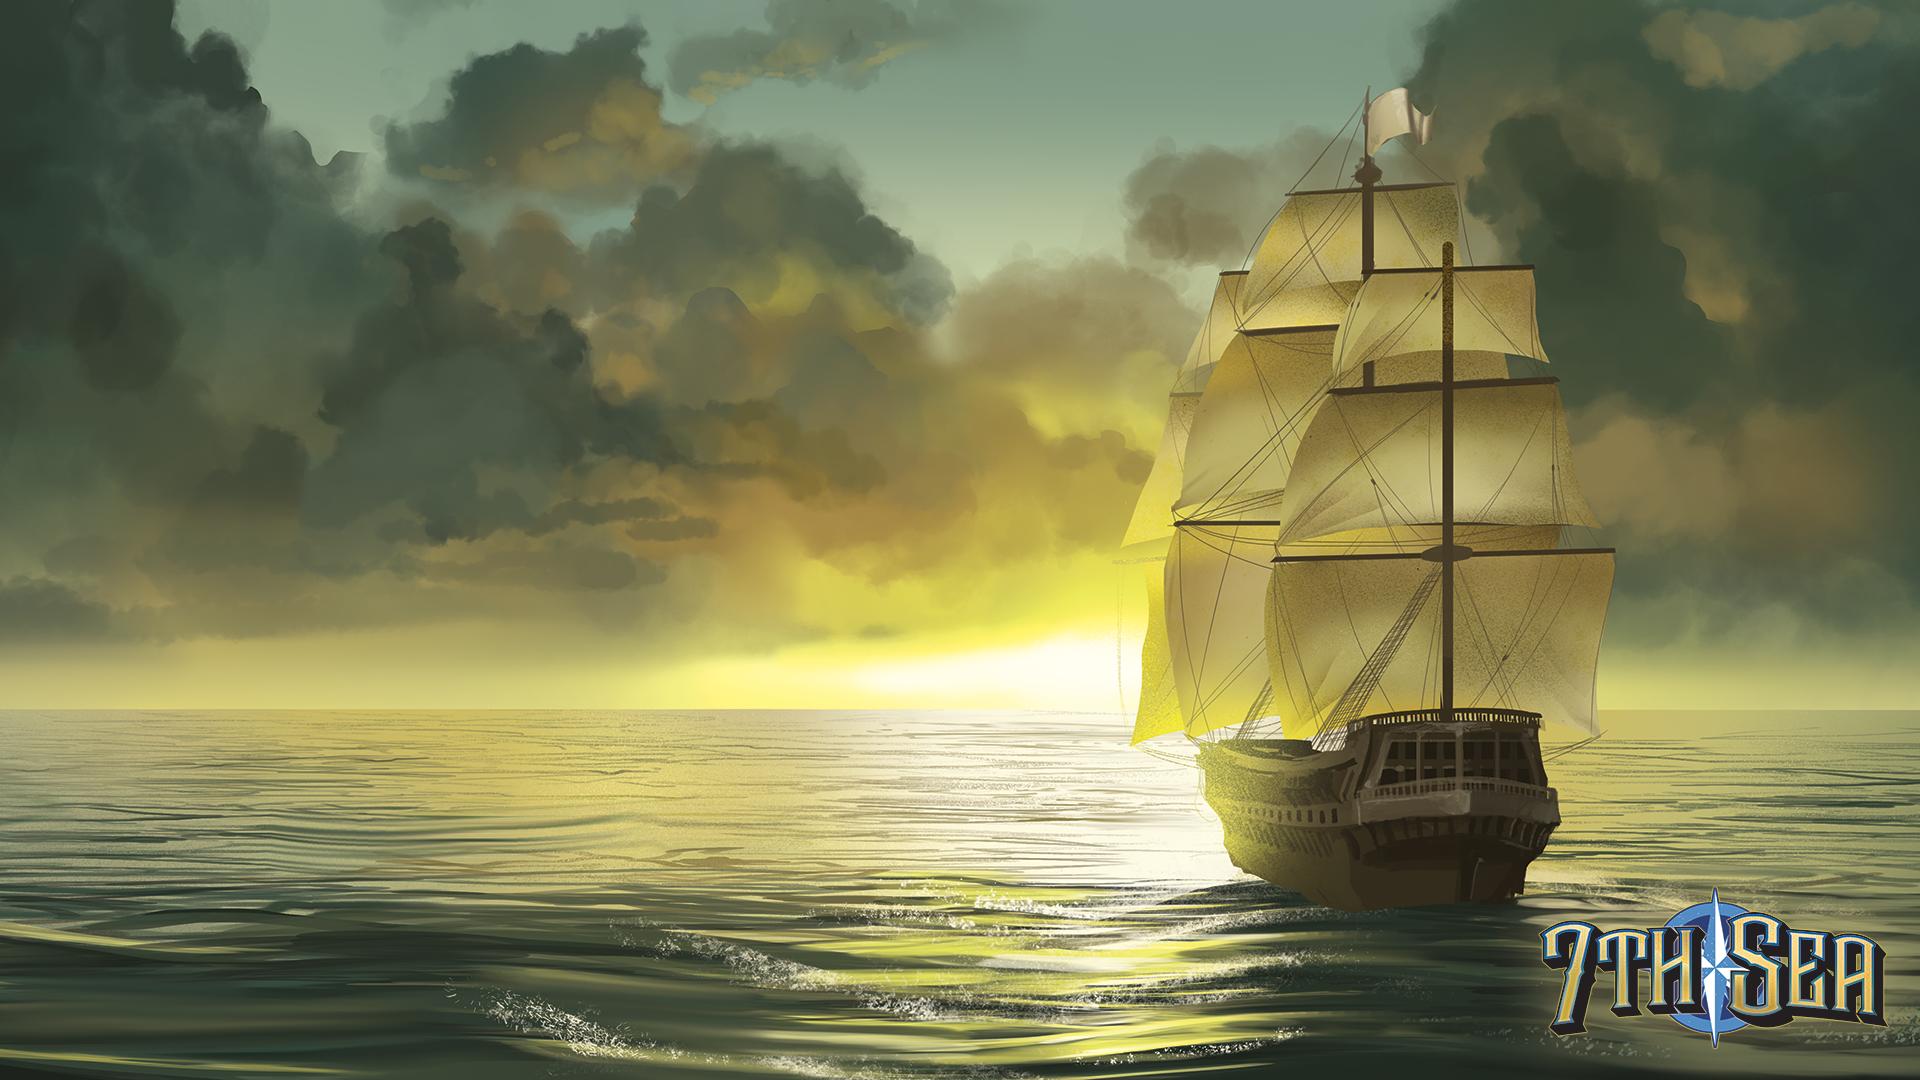 at-sea-1920x1080.png